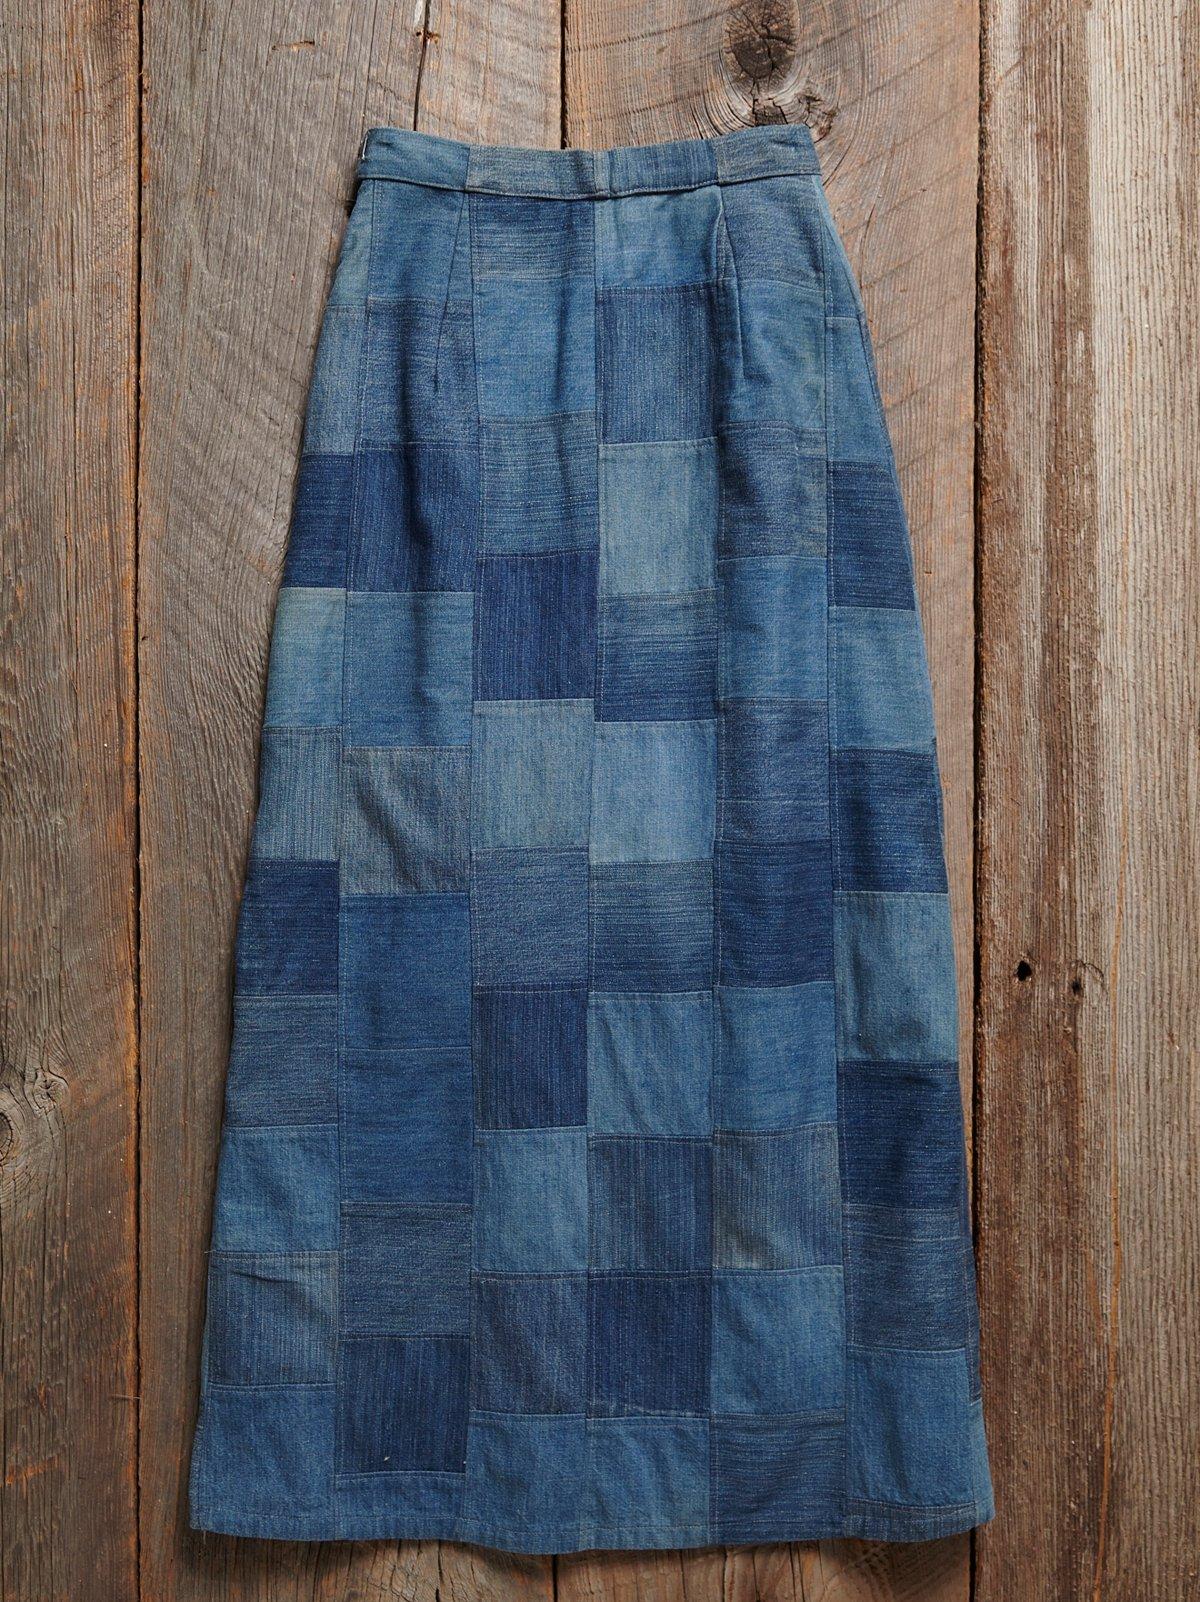 Vintage 1970s Patchwork Denim Skirt